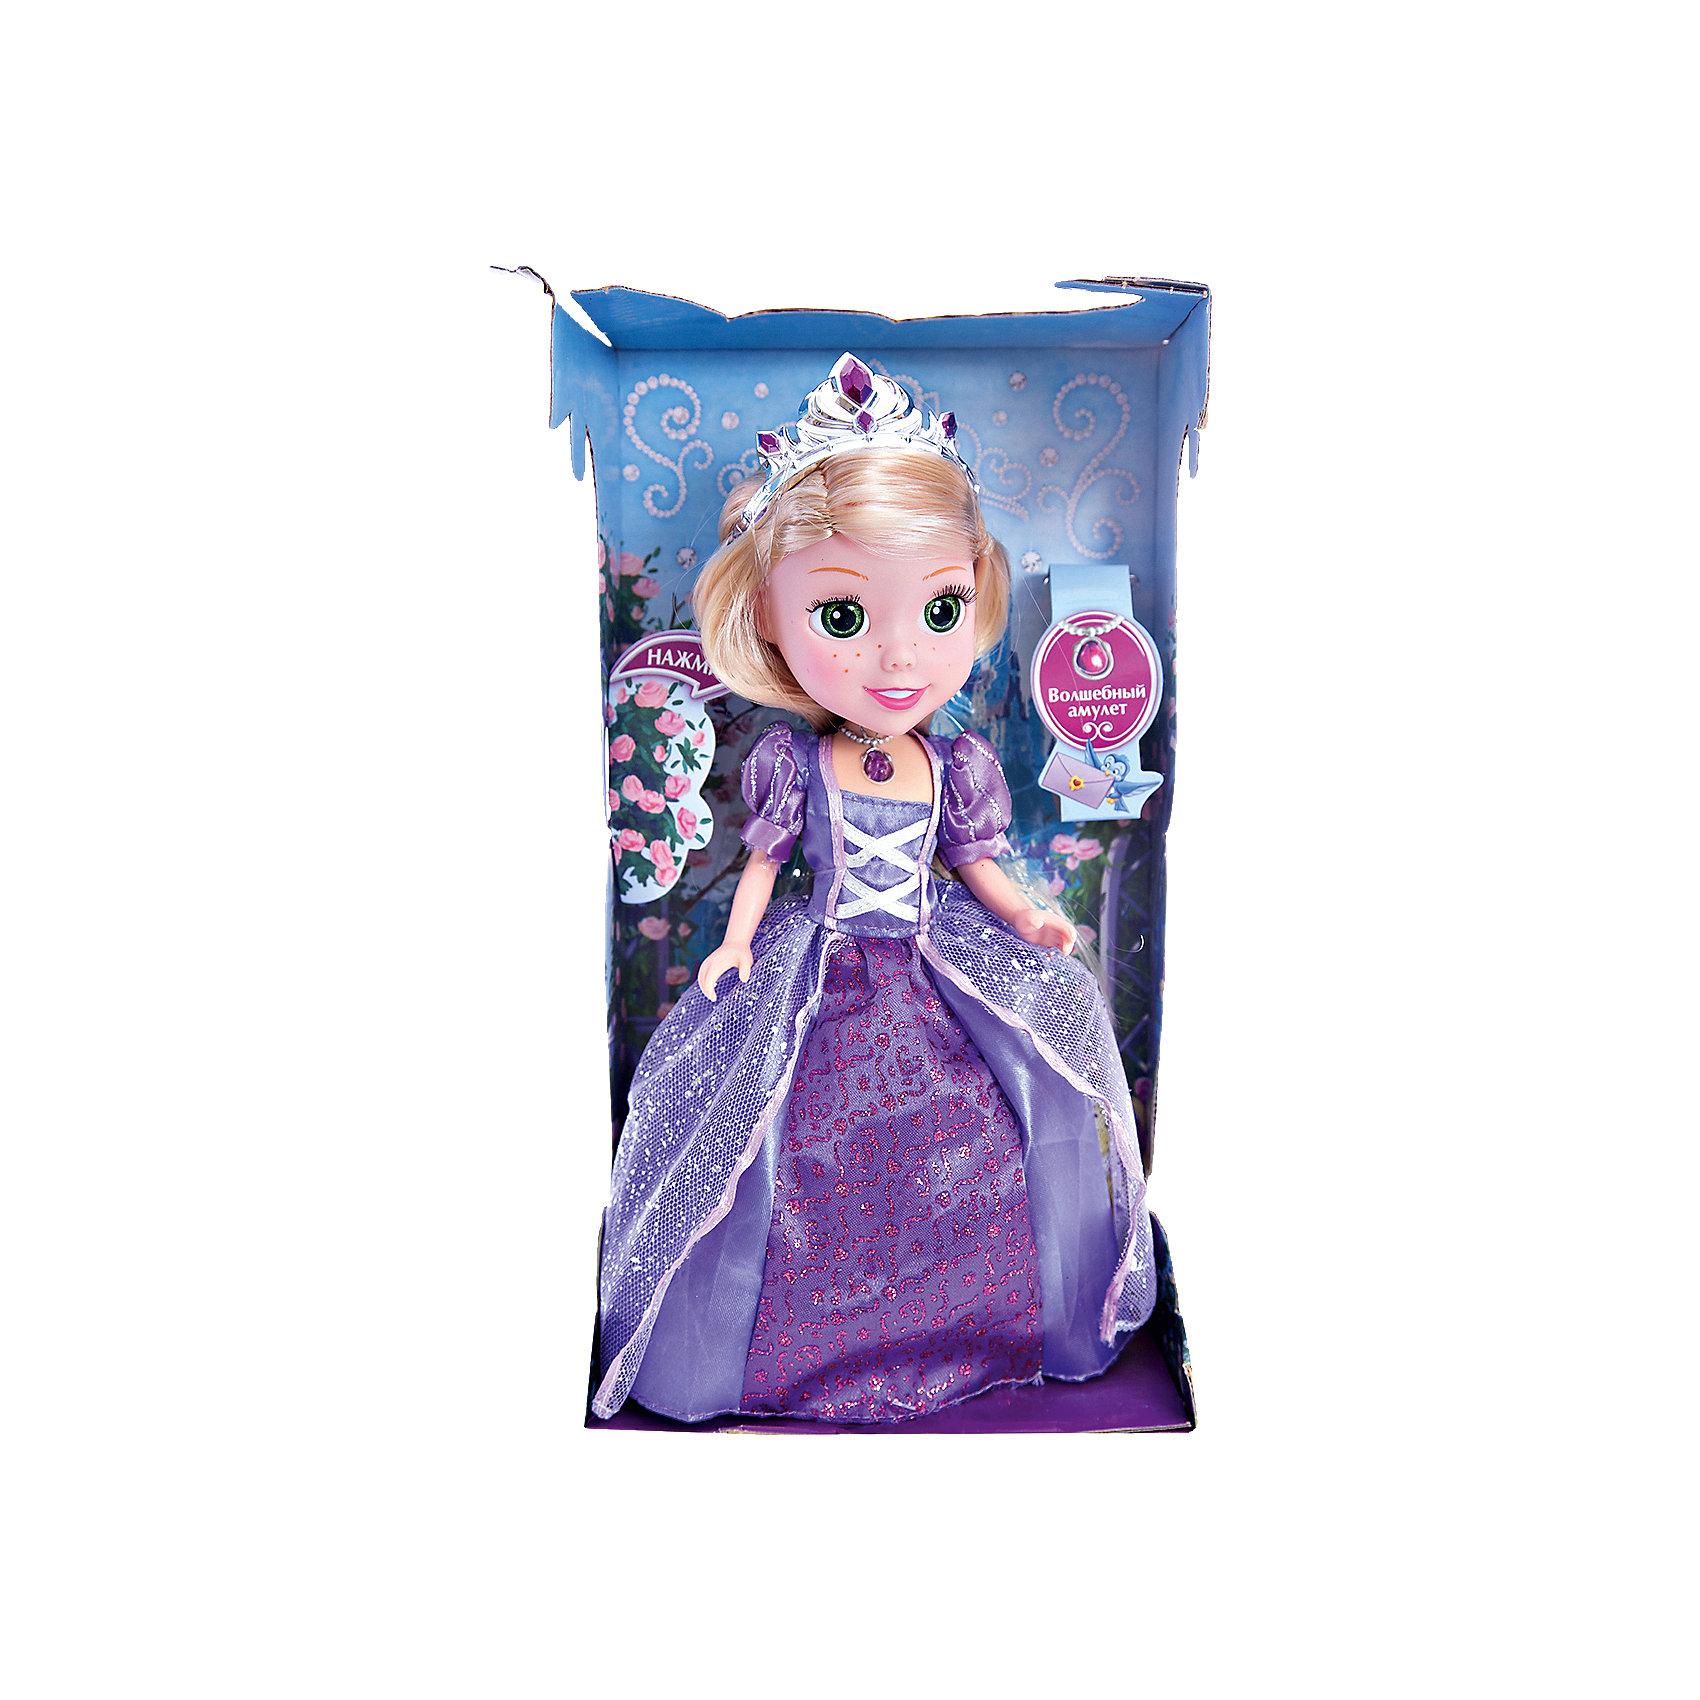 Кукла Рапунцель со светящимся амулетом, 25см, со звуком, Принцессы Дисней, КарапузПрекрасная Рапунцель бесспорно понравиться Вашей принцессе! А когда малышка узнает, что кукла еще и умеет разговаривать и даже петь песни, то счастью не будет предела!<br><br>Дополнительная информация:<br><br>- Возраст: от 3 лет.<br>- Высота куклы: 25 см.<br>- В комплекте: кукла, диадема, кулон, туфельки.<br>- Тип батареек: 3 х AG3 / LR41 (таблетки).<br>- Материал: пластик, текстиль.<br>- Размер упаковки: 9х29х16 см.<br>- Вес в упаковке: 380 г.<br><br>Купить куклу Рапунцель со светящимся амулетом можно в нашем магазине.<br><br>Ширина мм: 90<br>Глубина мм: 290<br>Высота мм: 160<br>Вес г: 380<br>Возраст от месяцев: 36<br>Возраст до месяцев: 84<br>Пол: Женский<br>Возраст: Детский<br>SKU: 4891775